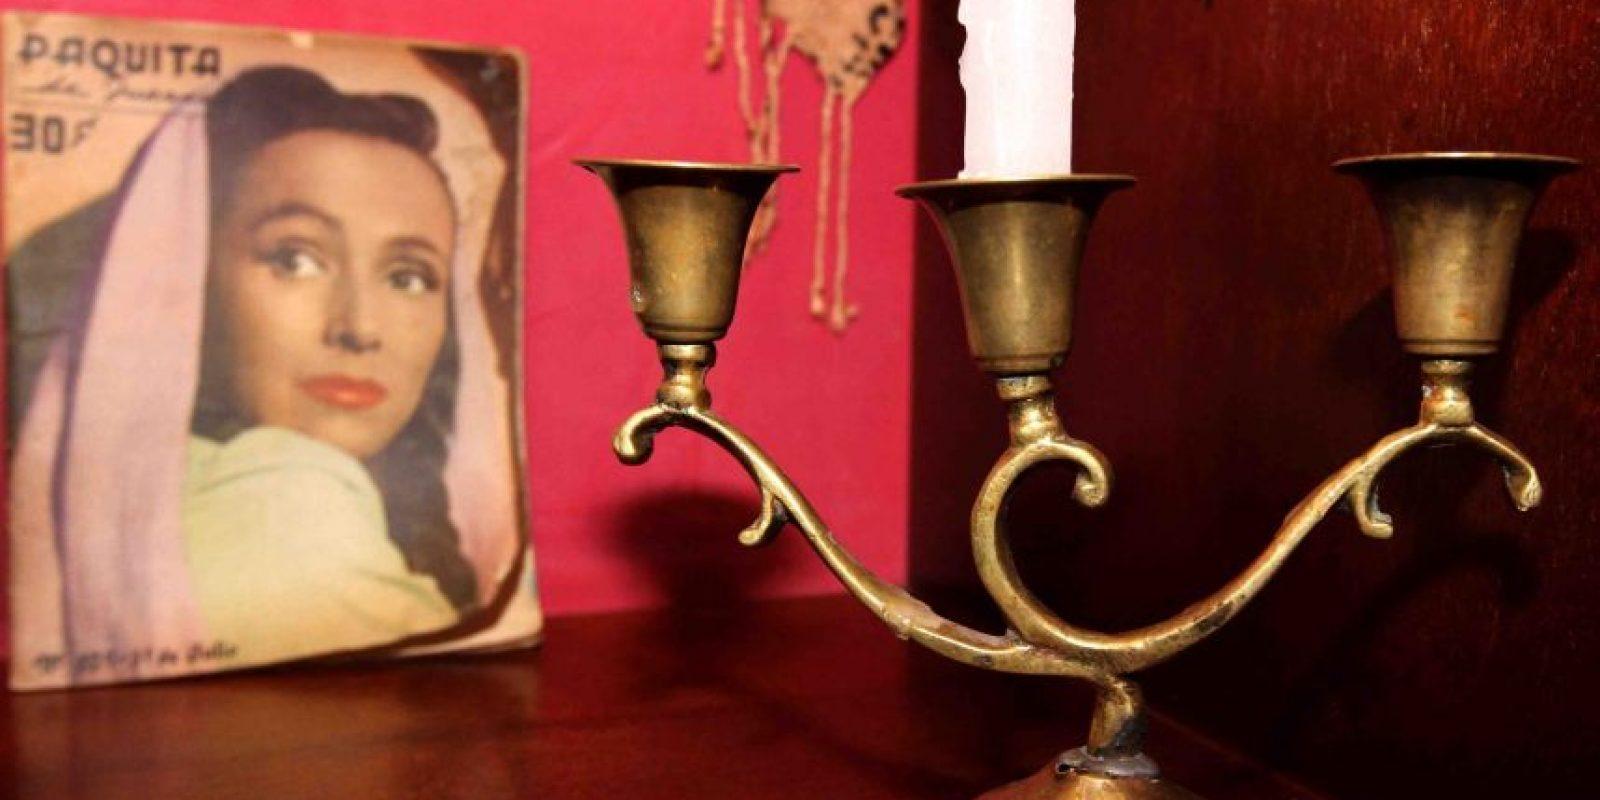 La casa donde nació Dolores del Río es abierta al público. Foto:Notimex